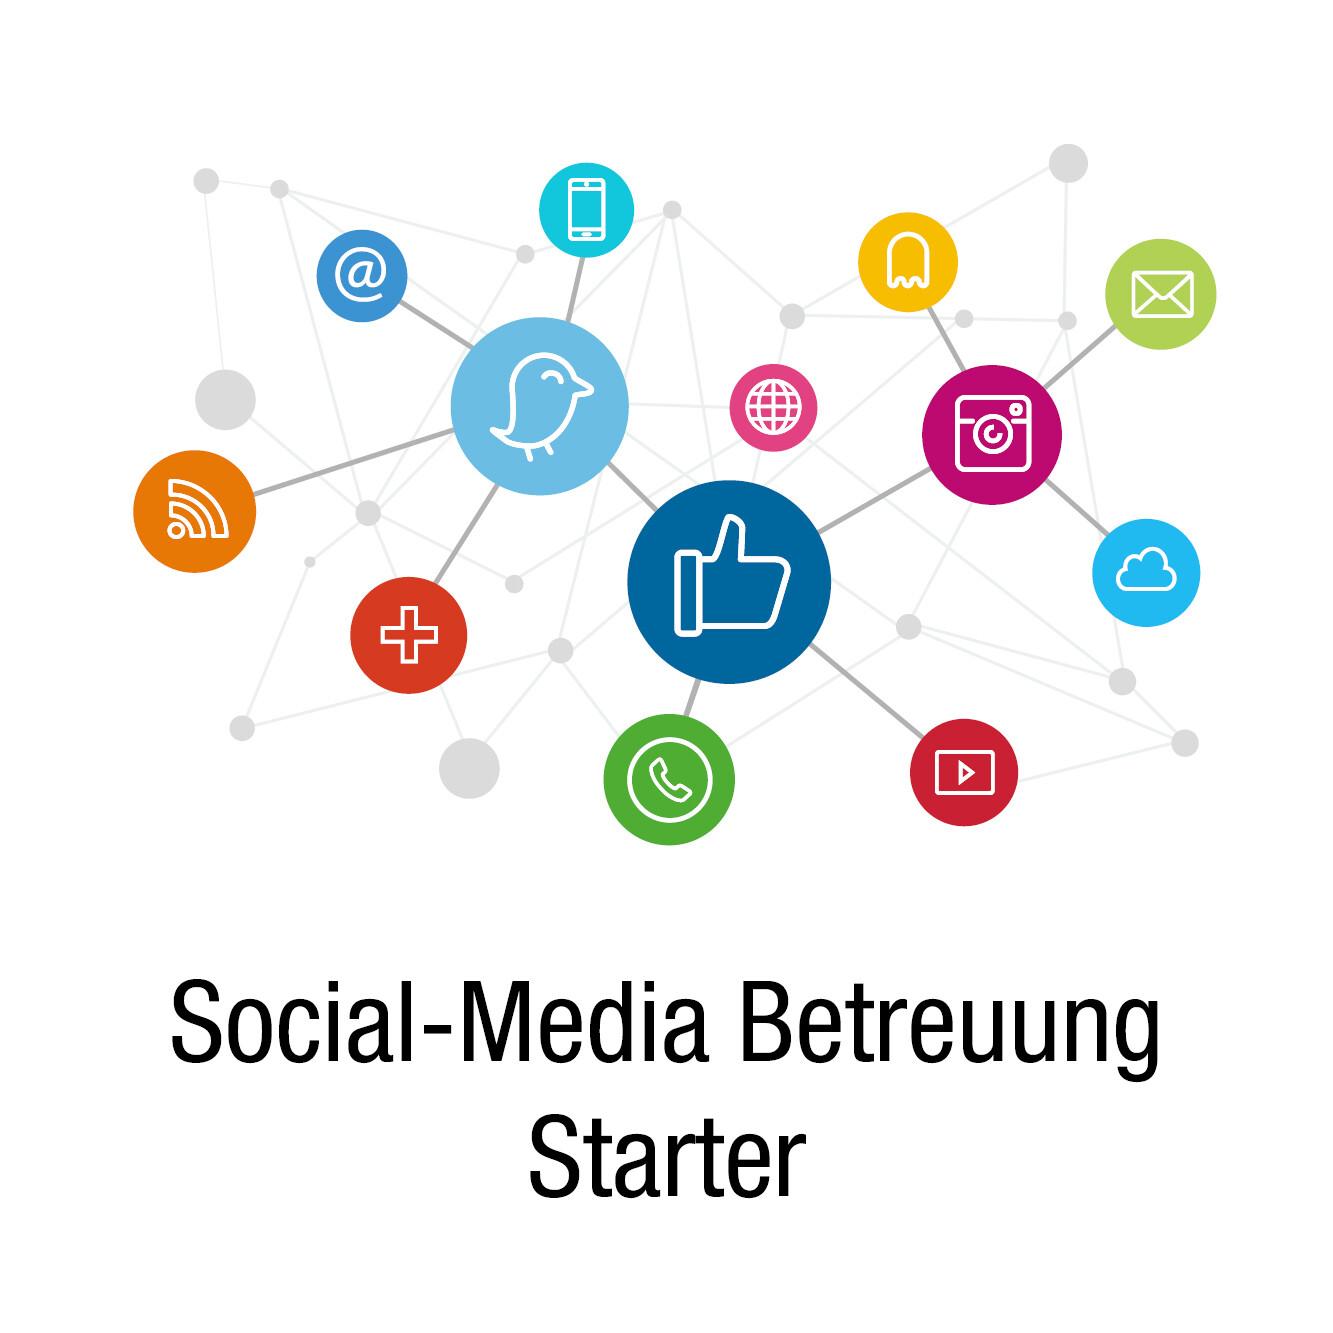 Social Media Betreuung Starter